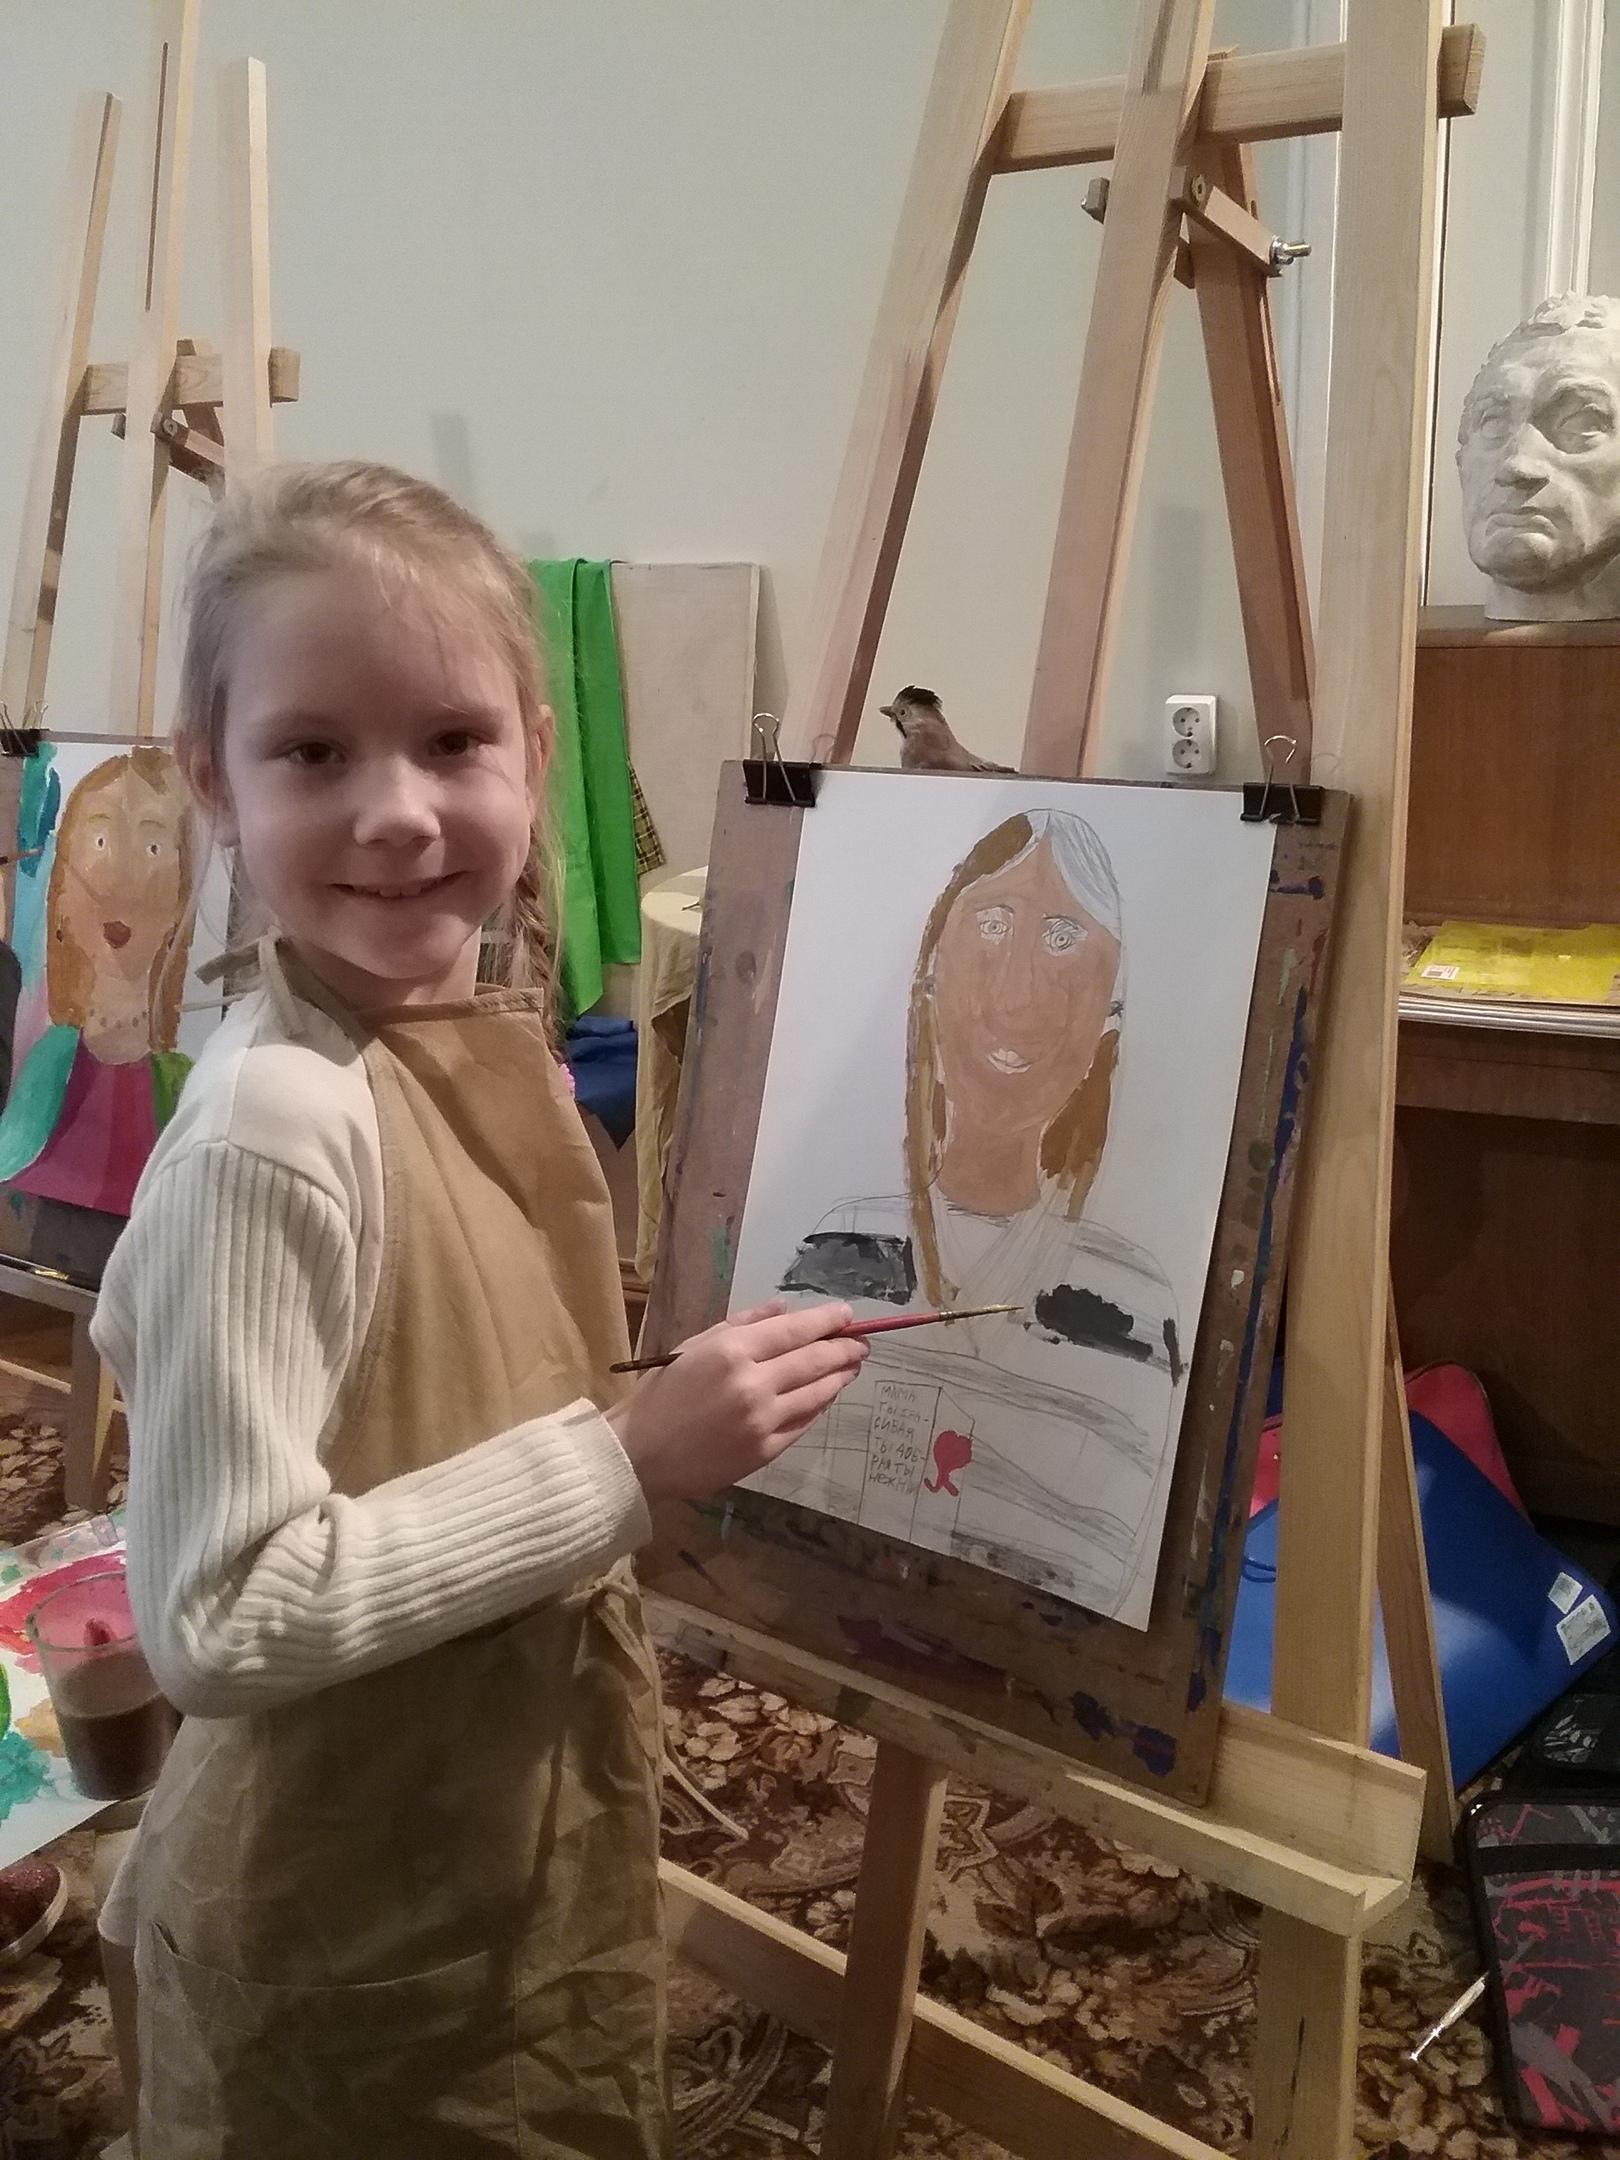 Абрамова Алиса, 10 лет